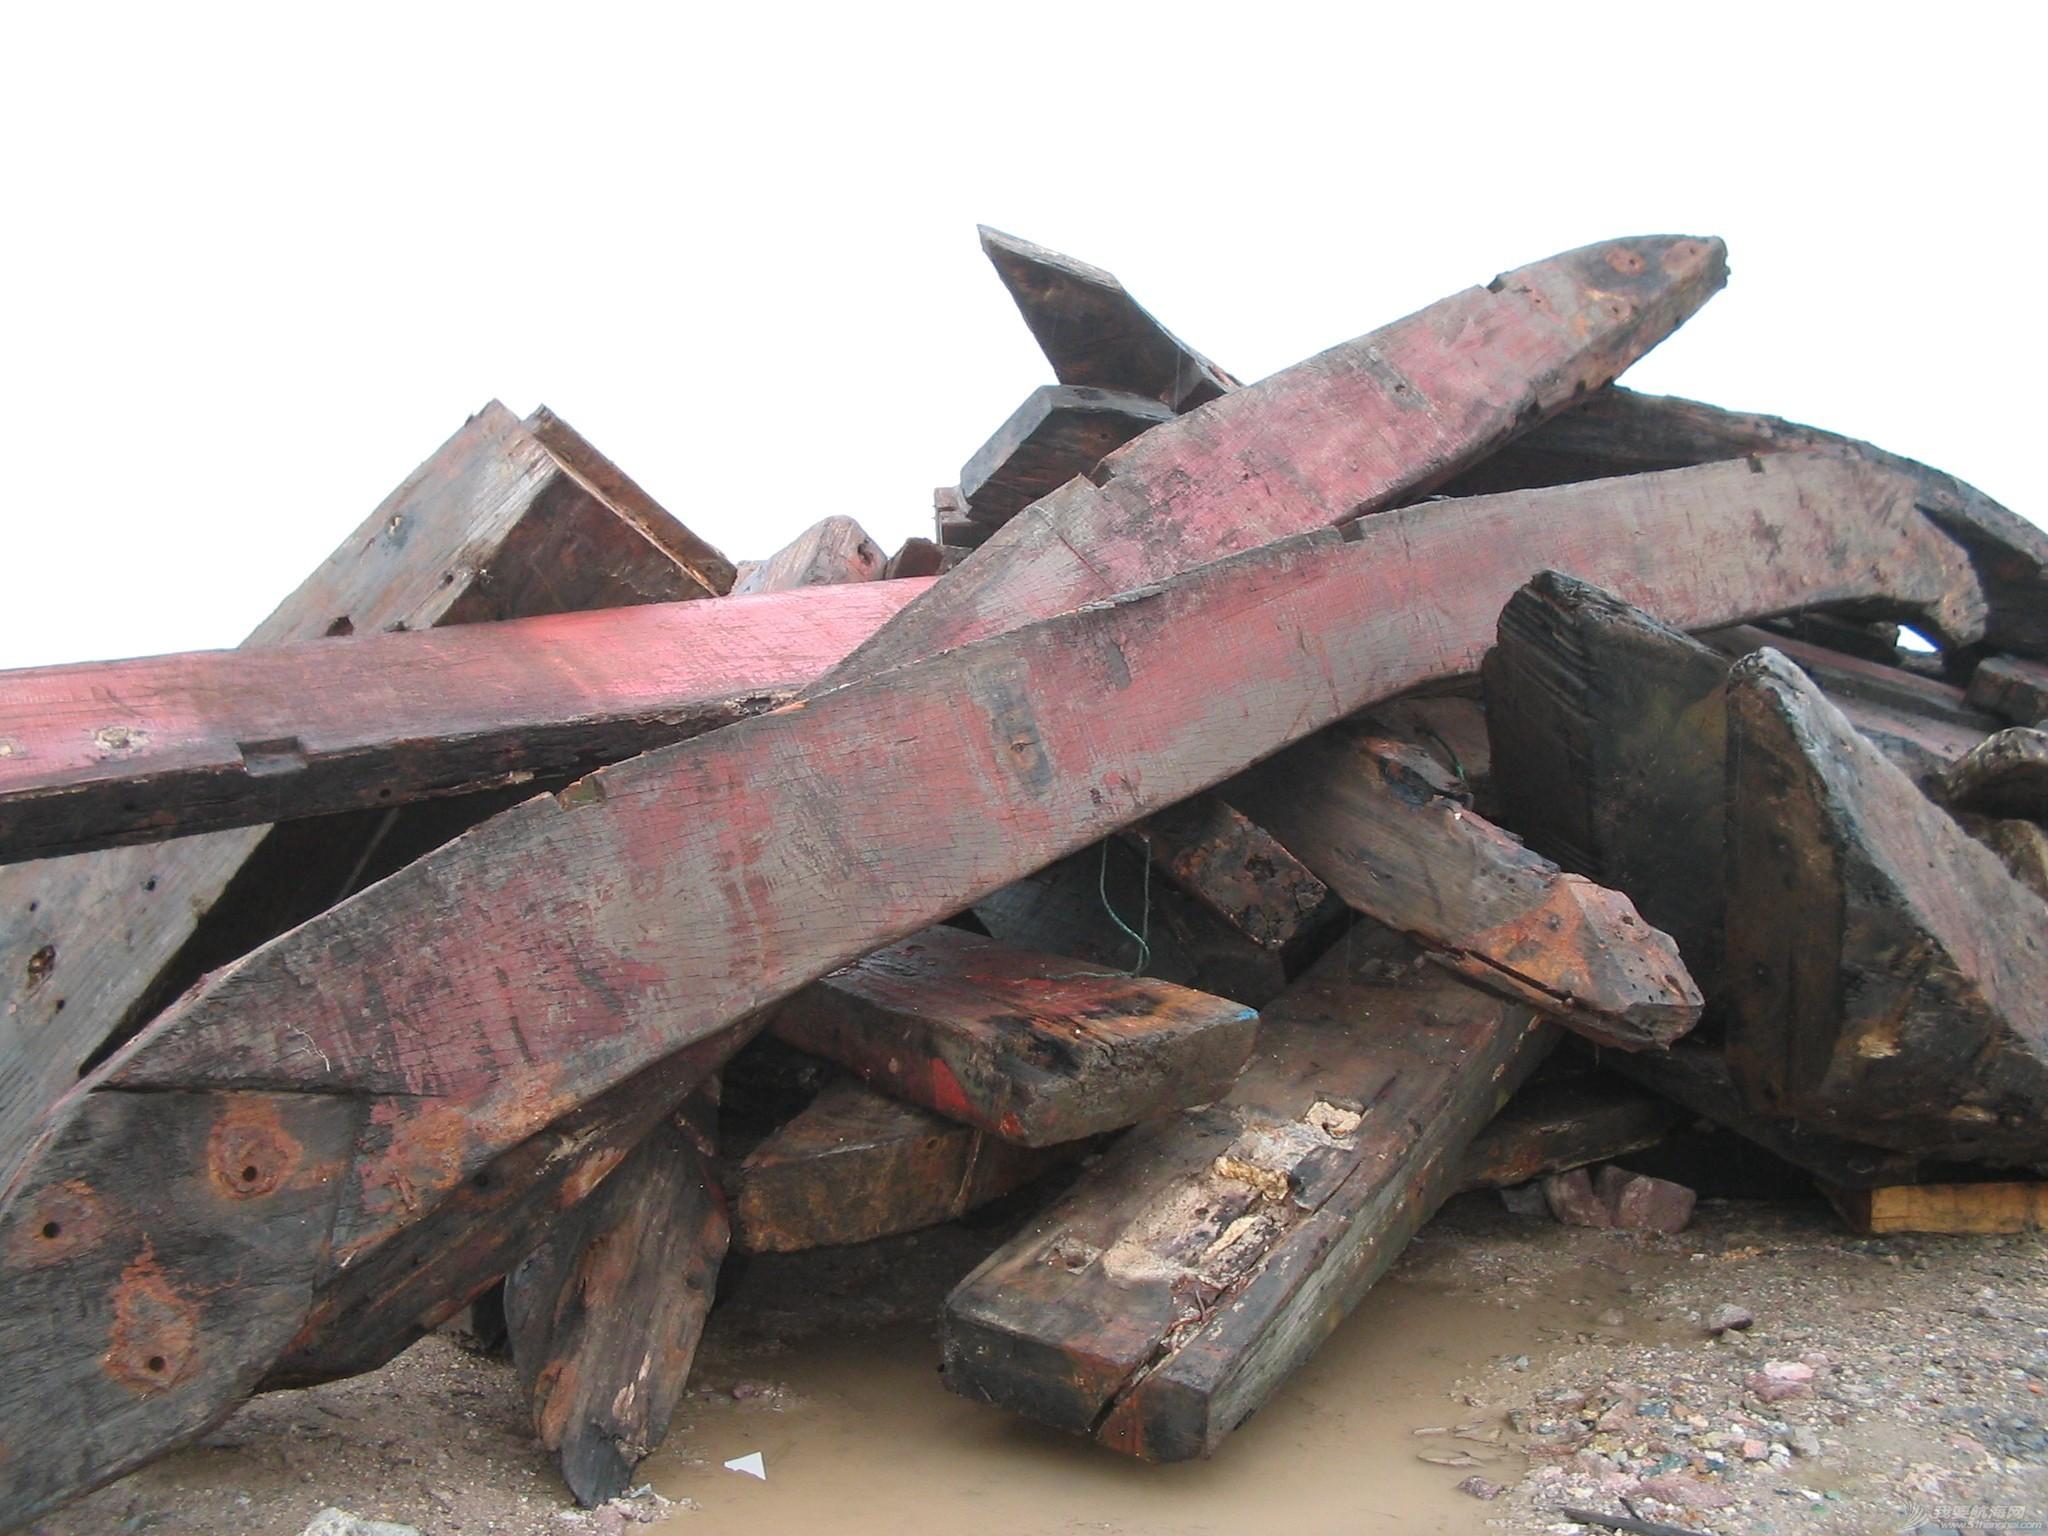 造船,杉木,防腐木材,柚木 关于造船用到的防各种腐木材的特点和性能及其他相关介绍 0c222f9f67e740f08ec0c7671f6610f2.jpg